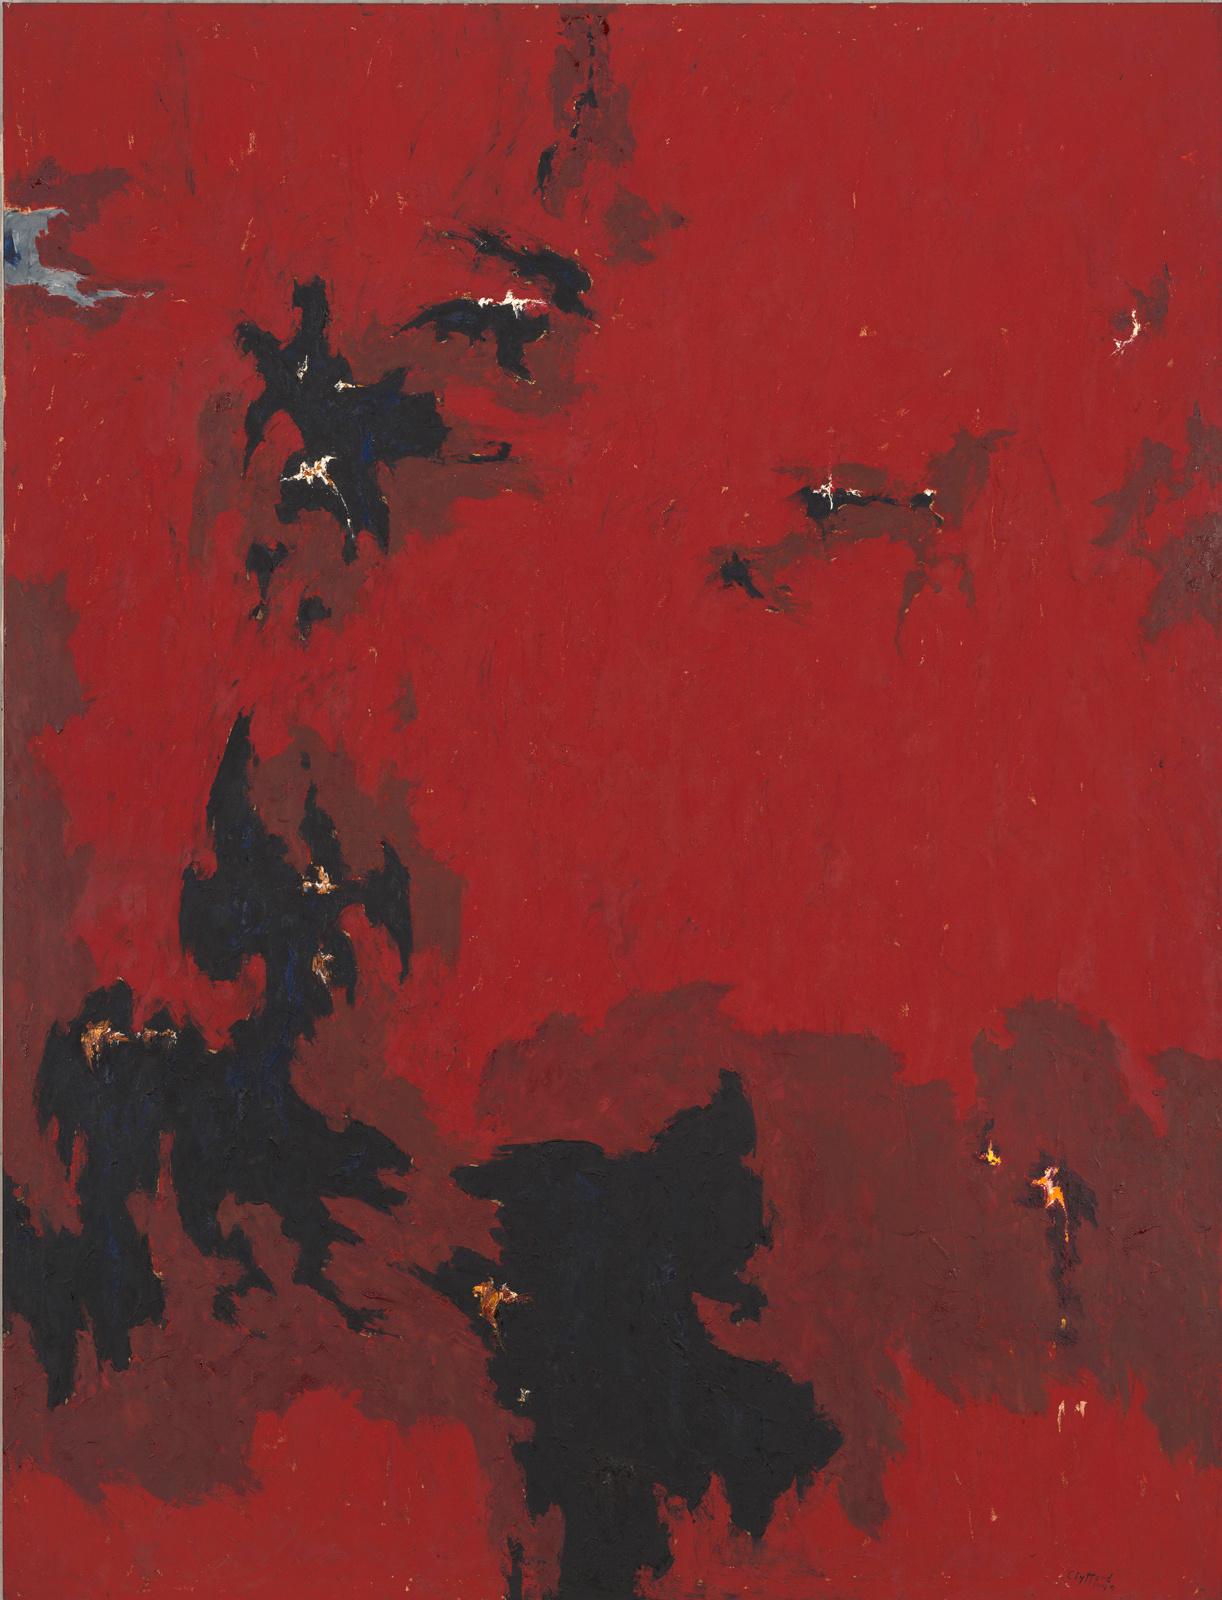 Клиффорд Стилл. 1949. №1